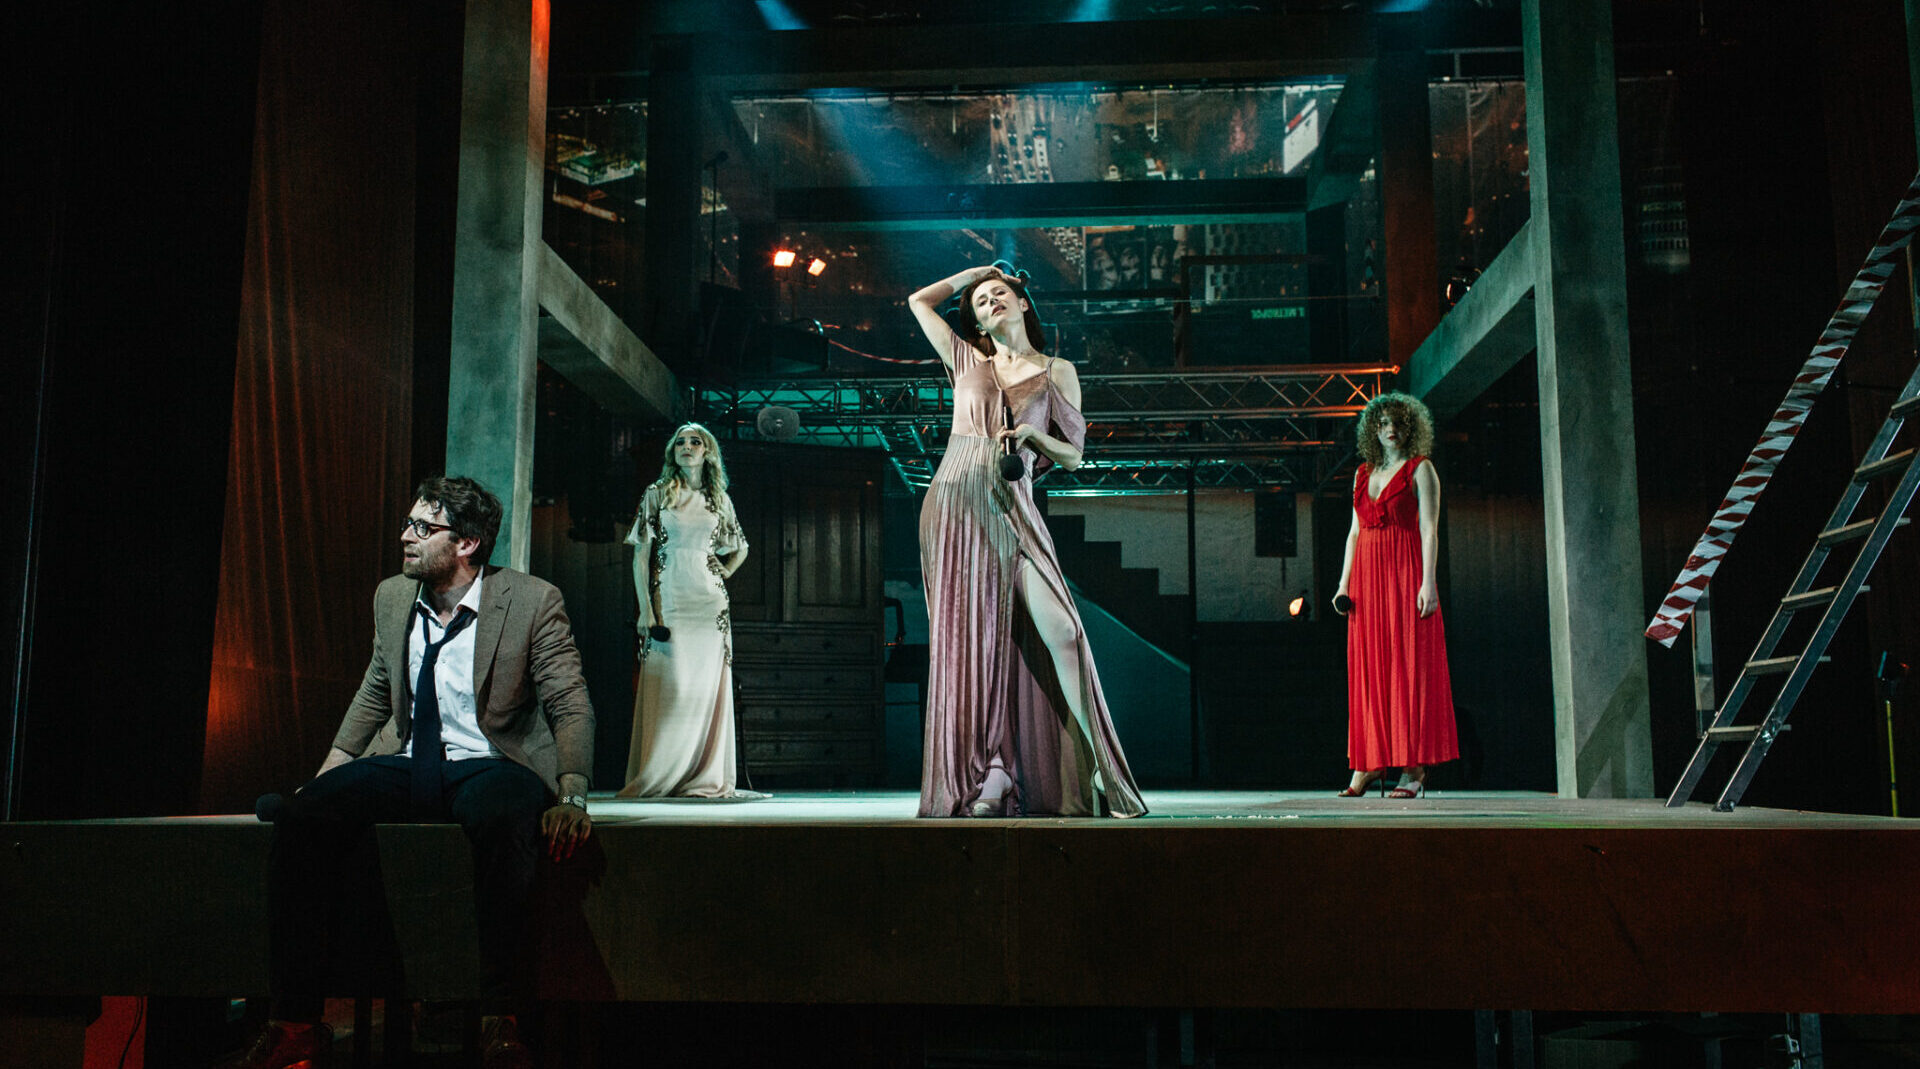 Scena. Aktorki w eleganckich sukienkach trzymają w dłoniach mikrofony. Przed nimi mężczyzna w okularach i w marynarce siedzi na krawędzi sceny.